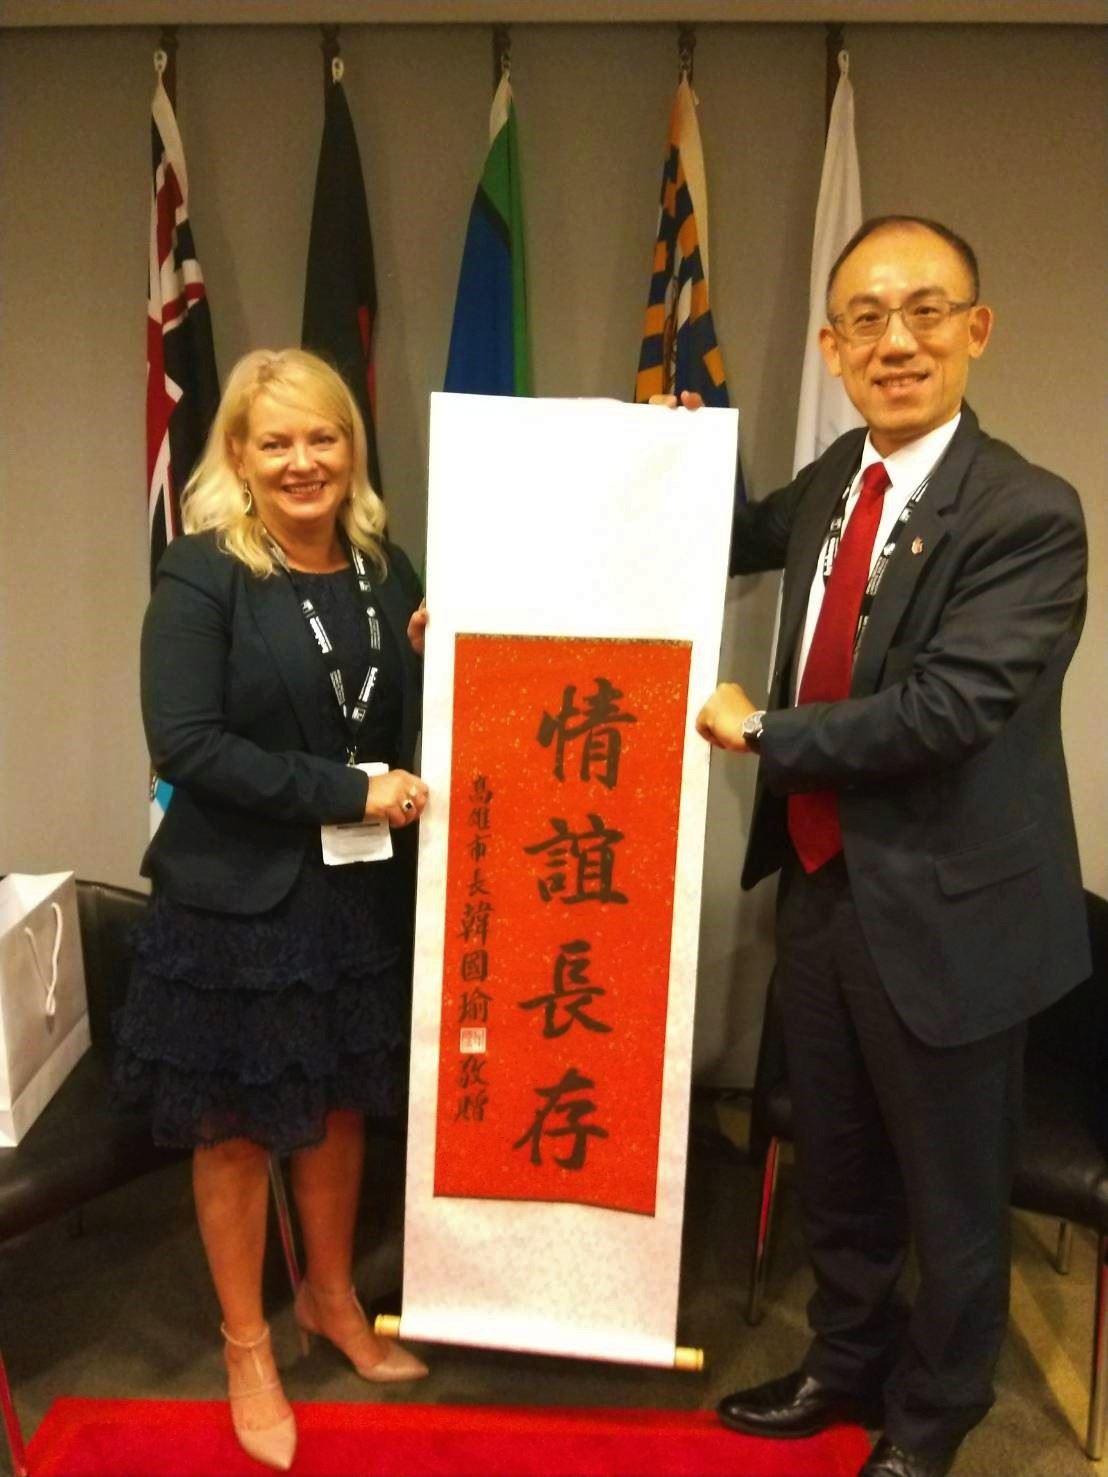 訪團拜會布里斯本市副市長Krista Adams討論兩市交流,並致贈韓市長「情誼長存」卷軸展現友好關係.jpg